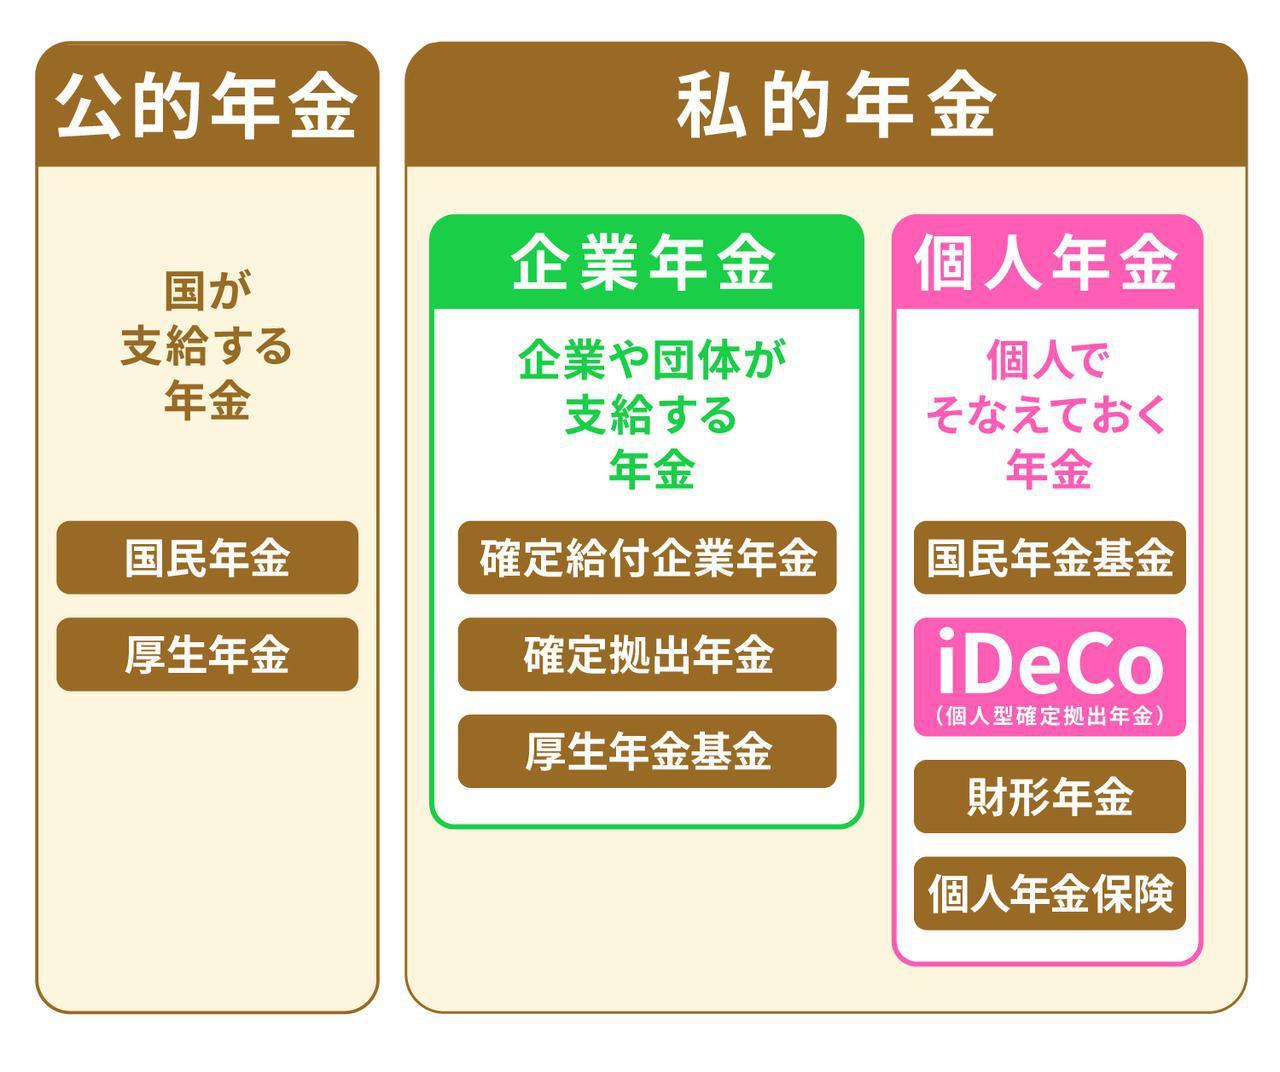 画像: iDeCoと公的年金の違い